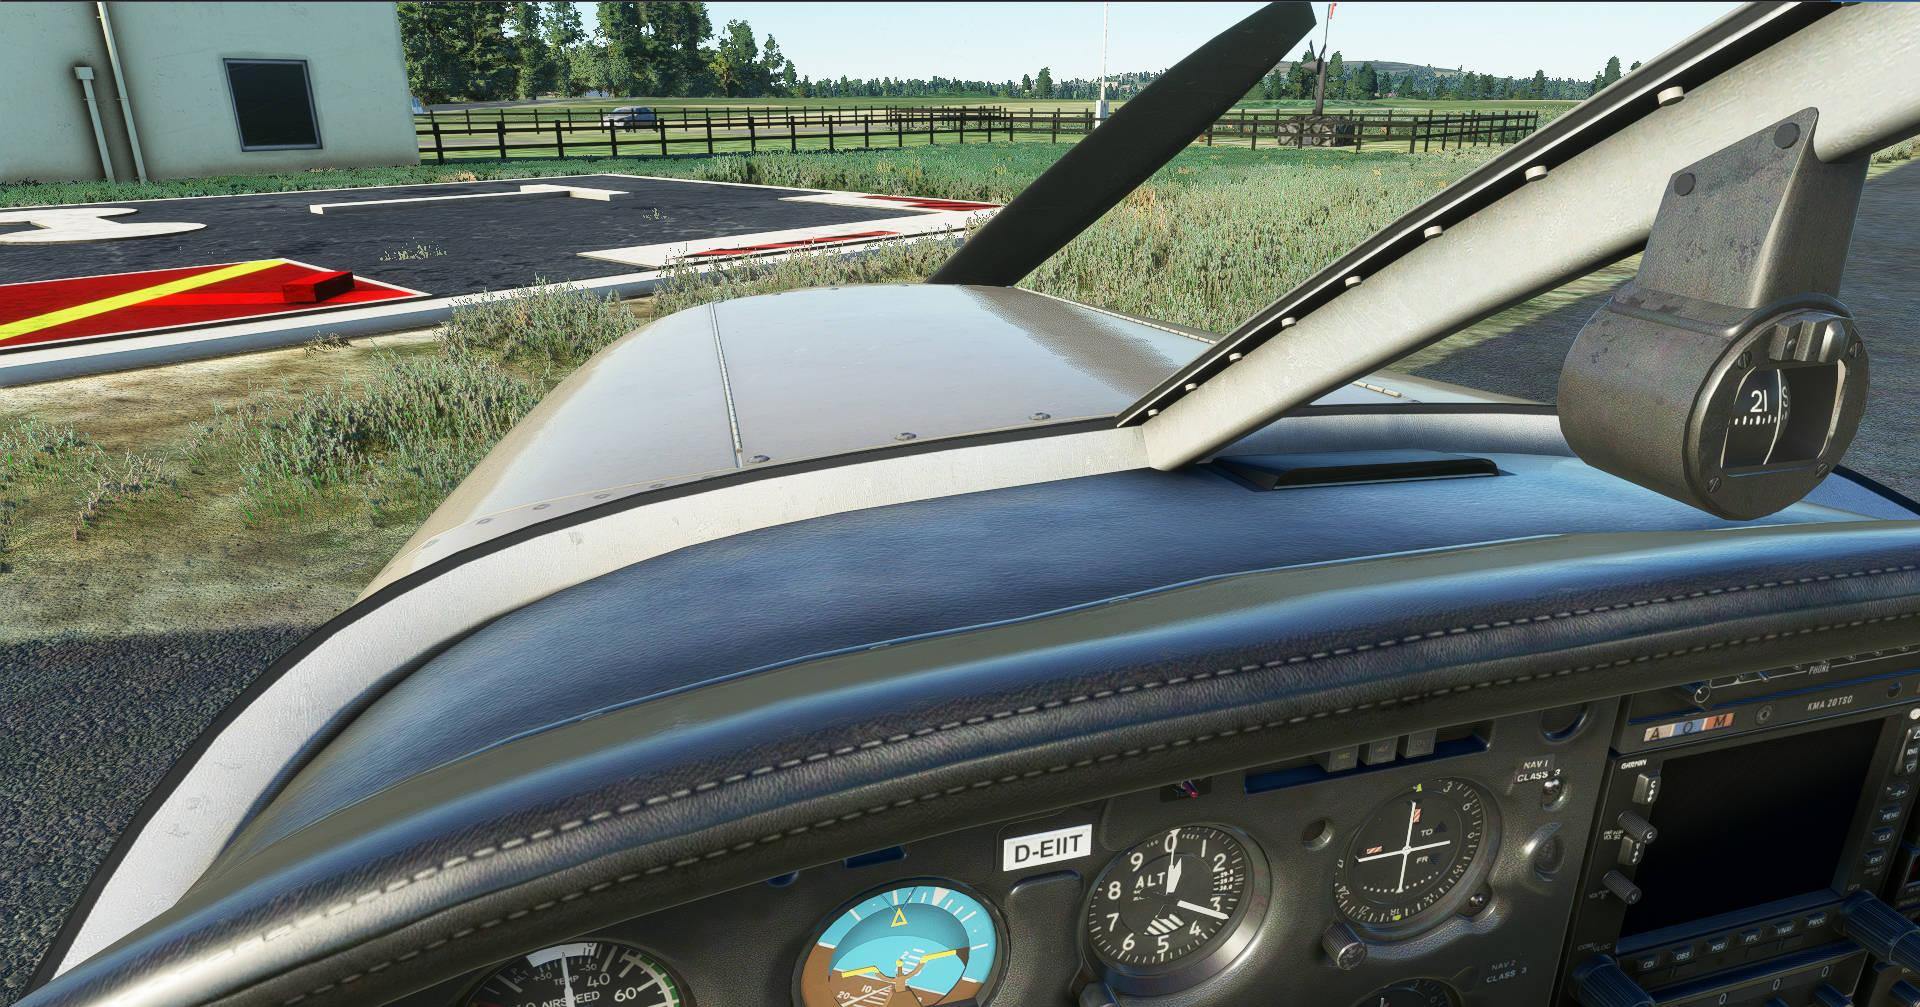 pa28-161-warrior-ii-microsoft-flight-simulator_28_ss_l_210721103202